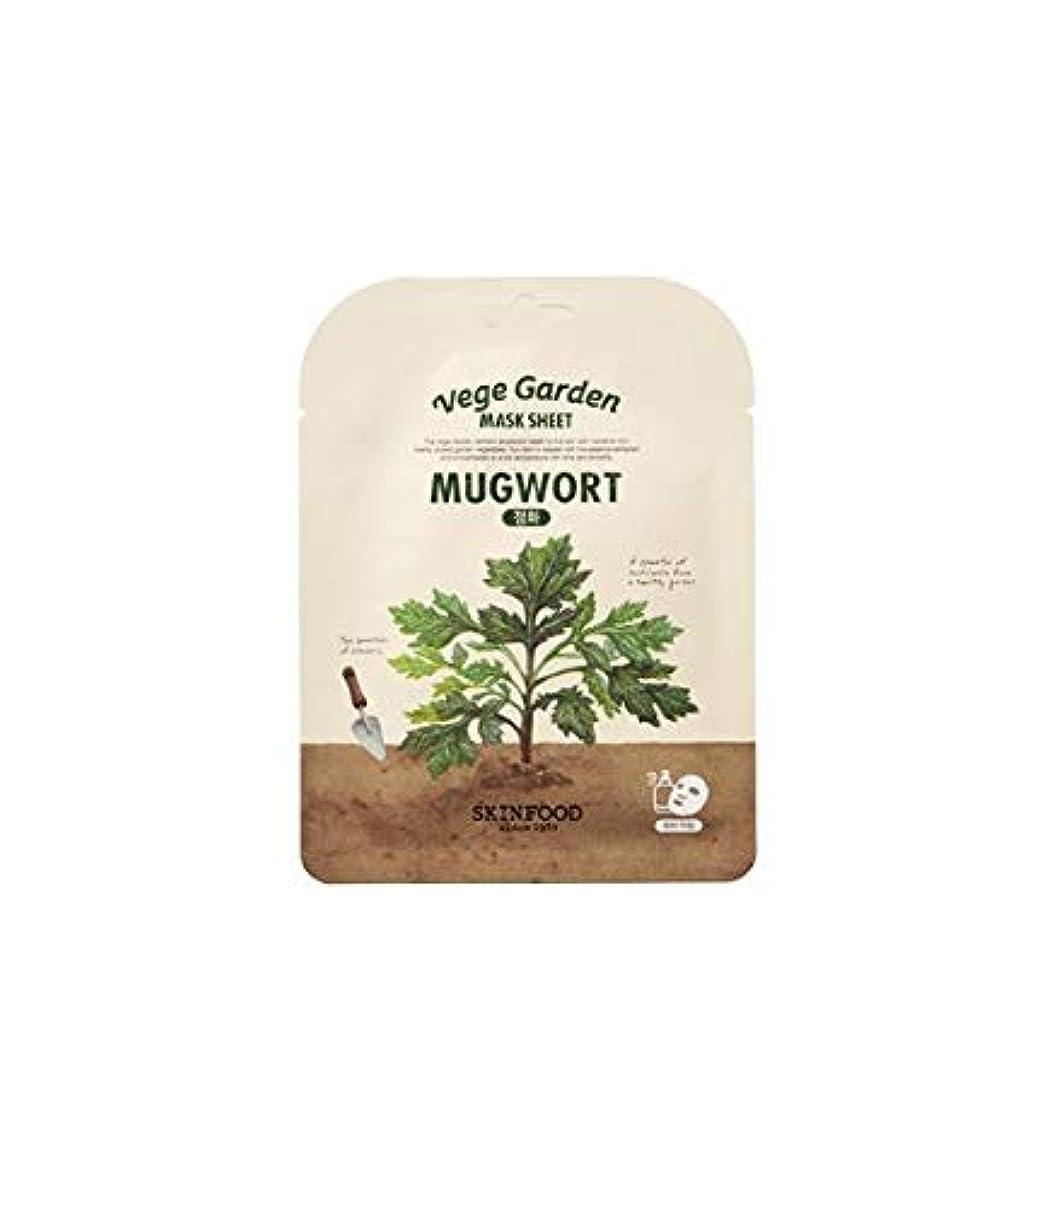 バタフライデザイナー属性Skinfood ベジガーデンマスクシート#ヨモギ* 10ea / Vege Garden Mask Sheet #Mugwort *10ea 20ml*10 [並行輸入品]